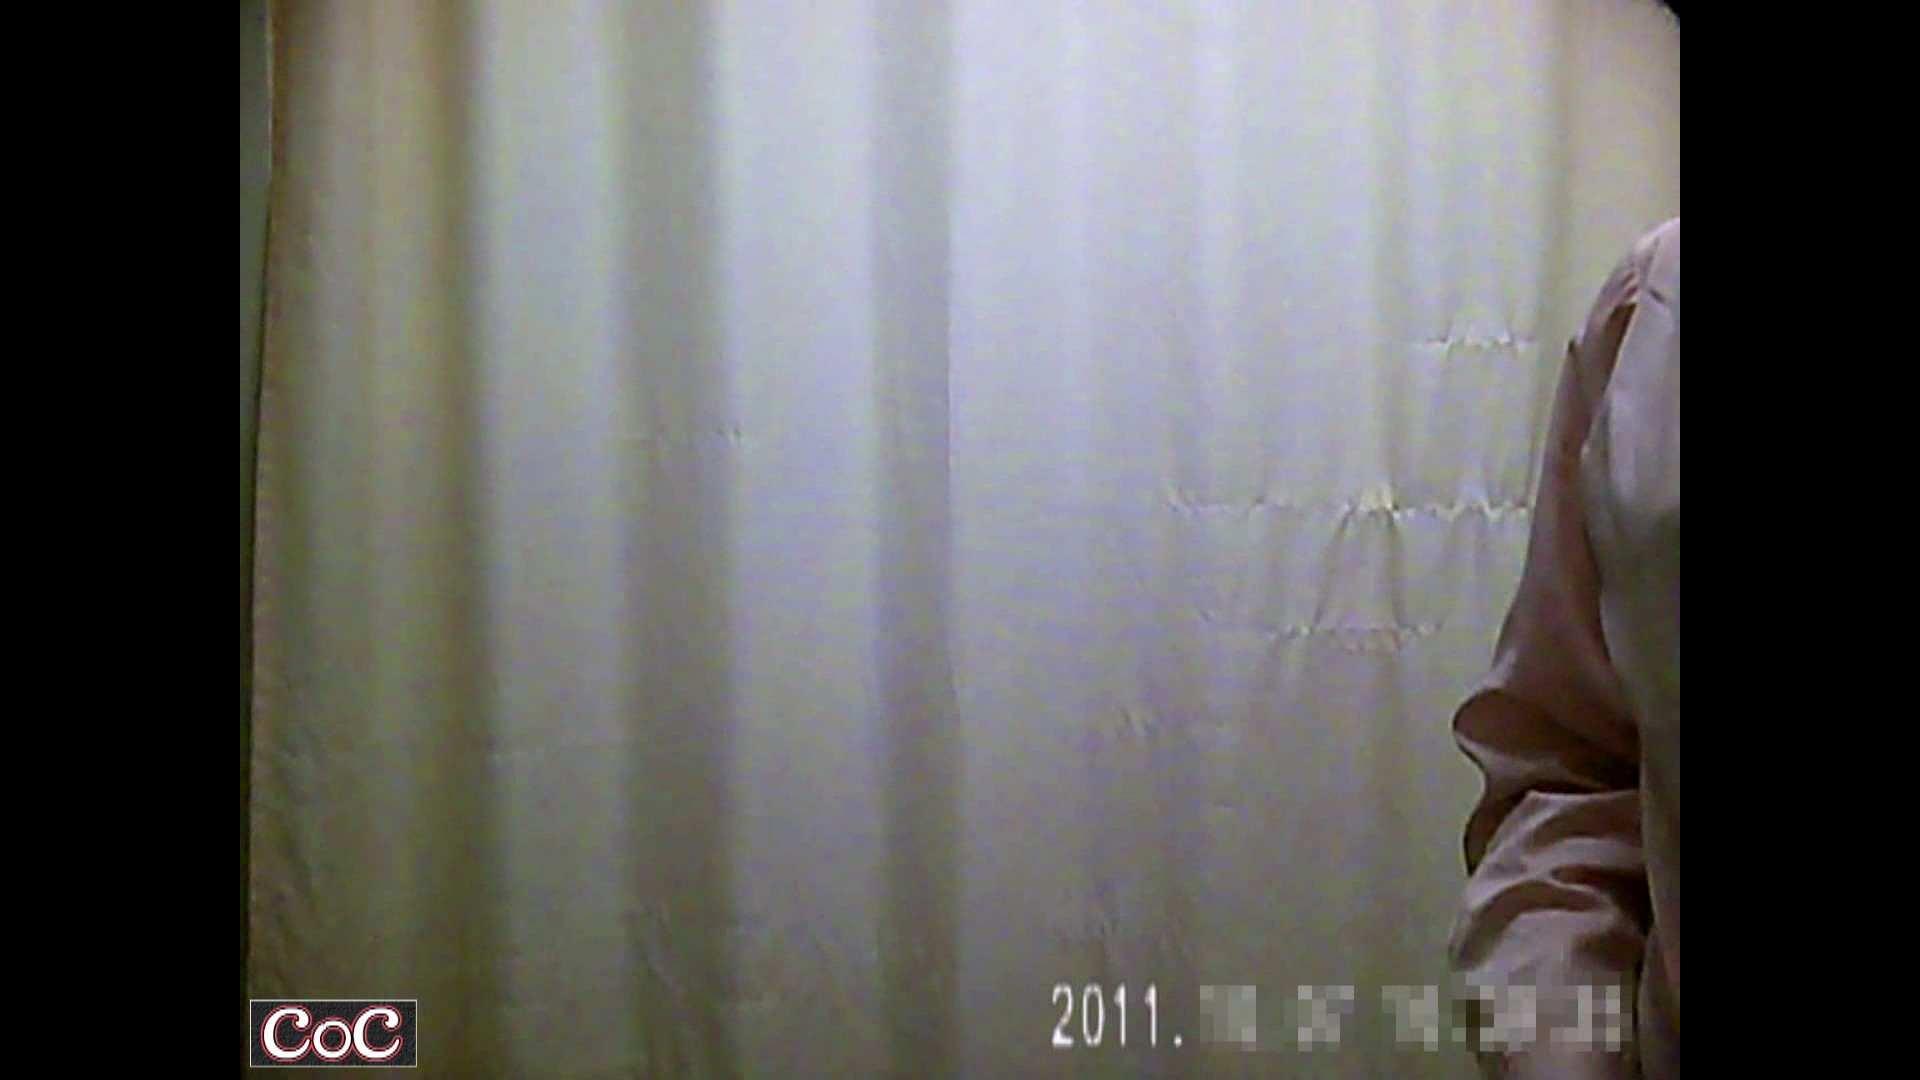 病院おもいっきり着替え! vol.53 OLエロ画像 盗撮セックス無修正動画無料 24PICs 16